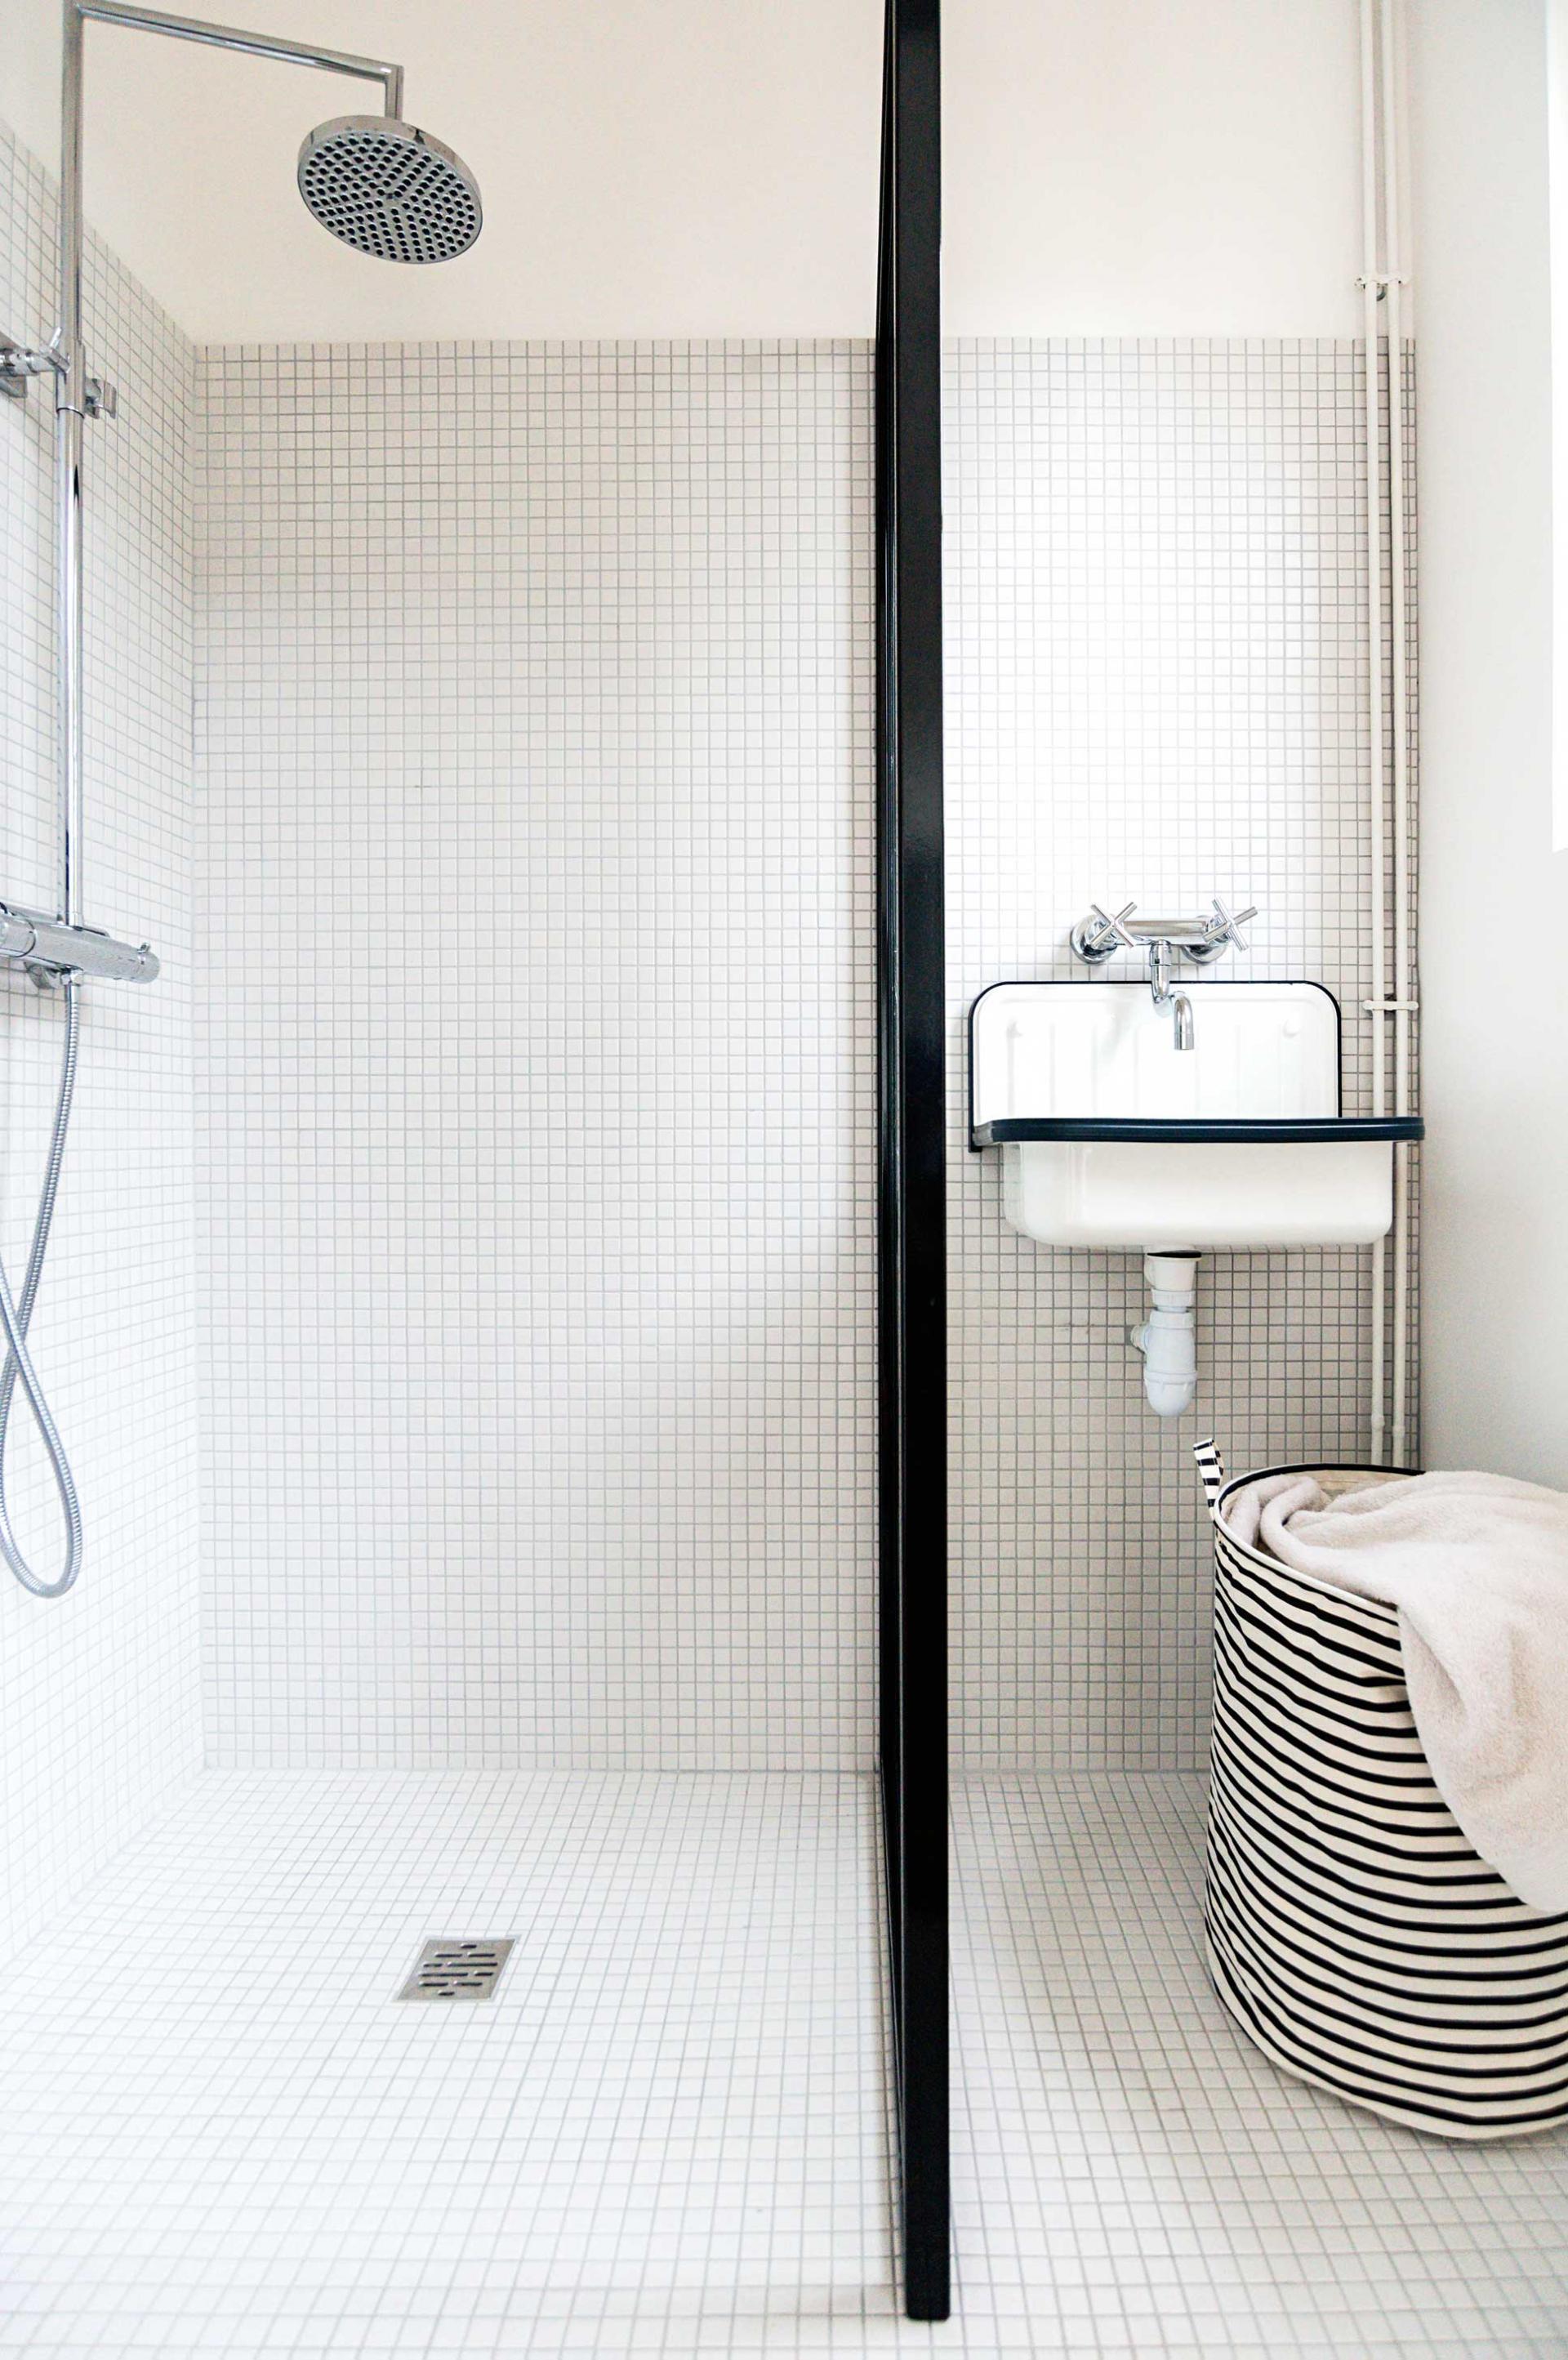 douche ou baignoire dans la salle de bain